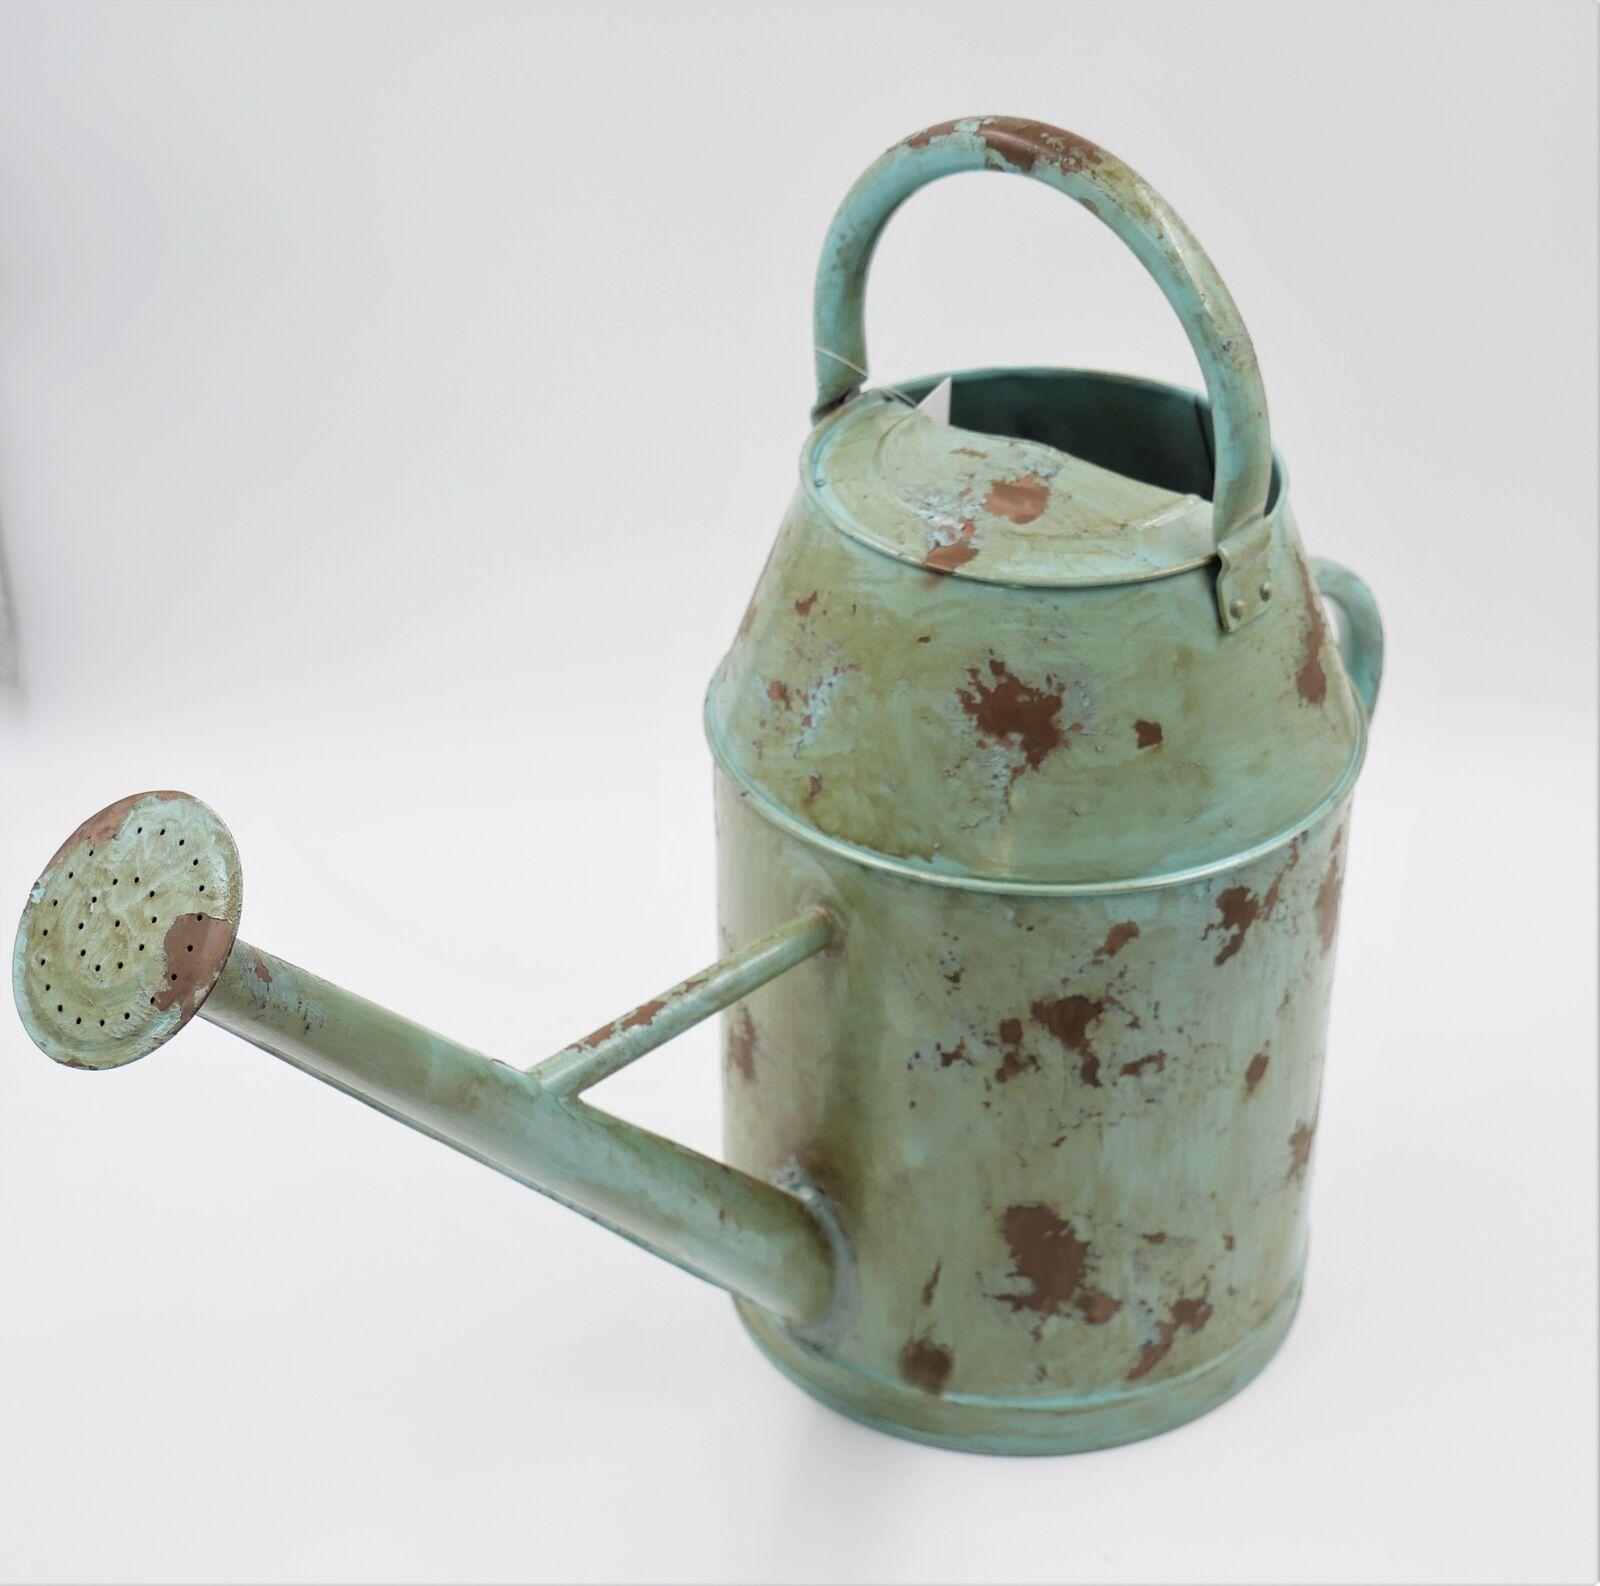 Gießkanne weiß 5 L Wasserkanne  2 Griffen Vintage Garten Metall Blumengießkanne